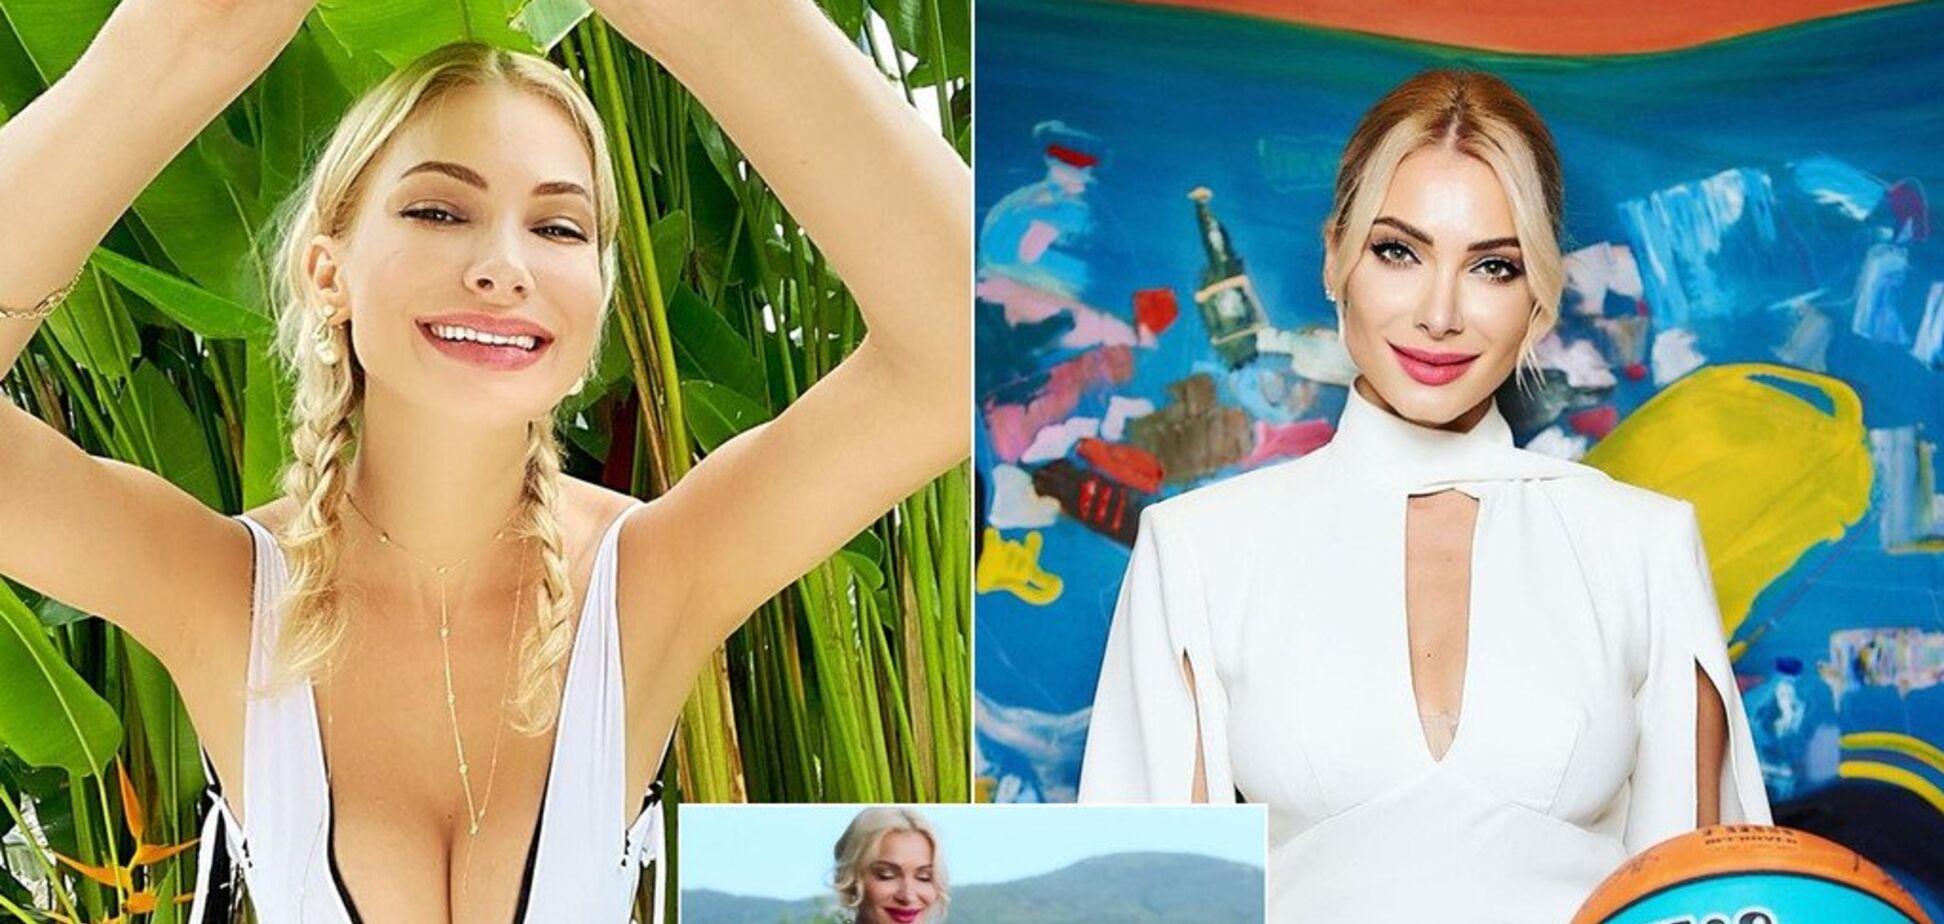 Сексуальная невеста игрока сборной Украины очаровала сеть